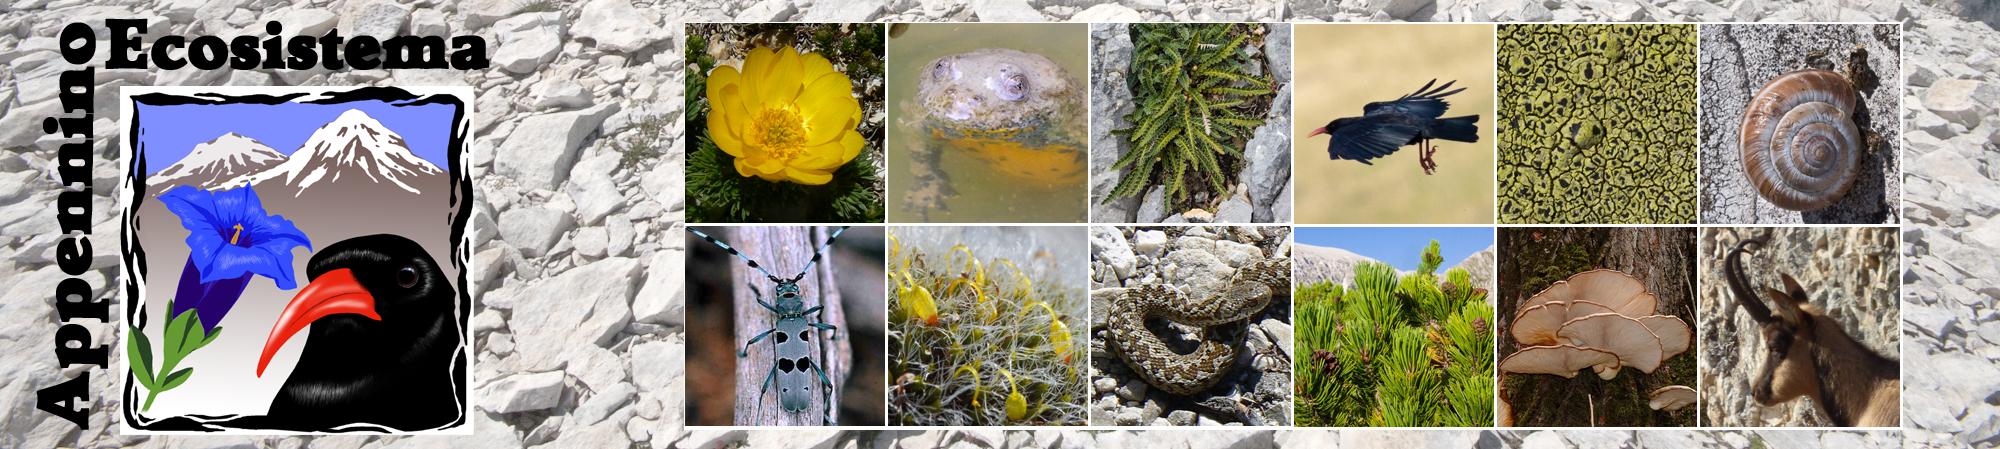 Appennino Ecosistema L'Associazione assicura la protezione di ecosistemi e specie montane con priorità rispetto alle attività umane in tutte le aree protette utilizzando le migliori conoscenze scientifiche nel campo della ricerca ecologica